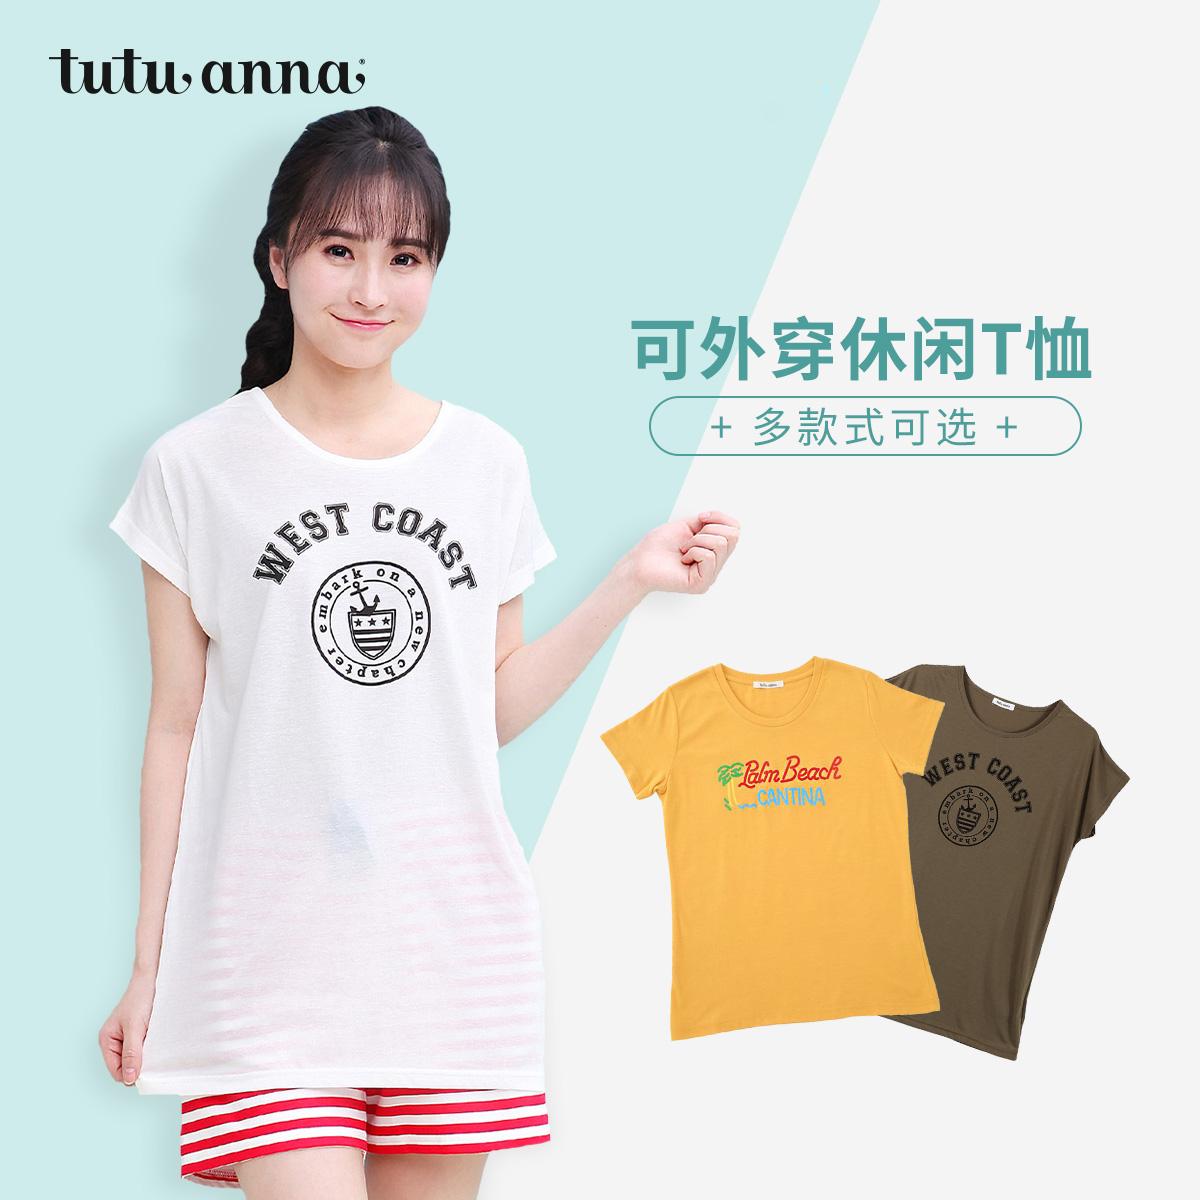 tutuanna家居服女 夏季短袖 舒适睡衣 可外穿休闲T恤女